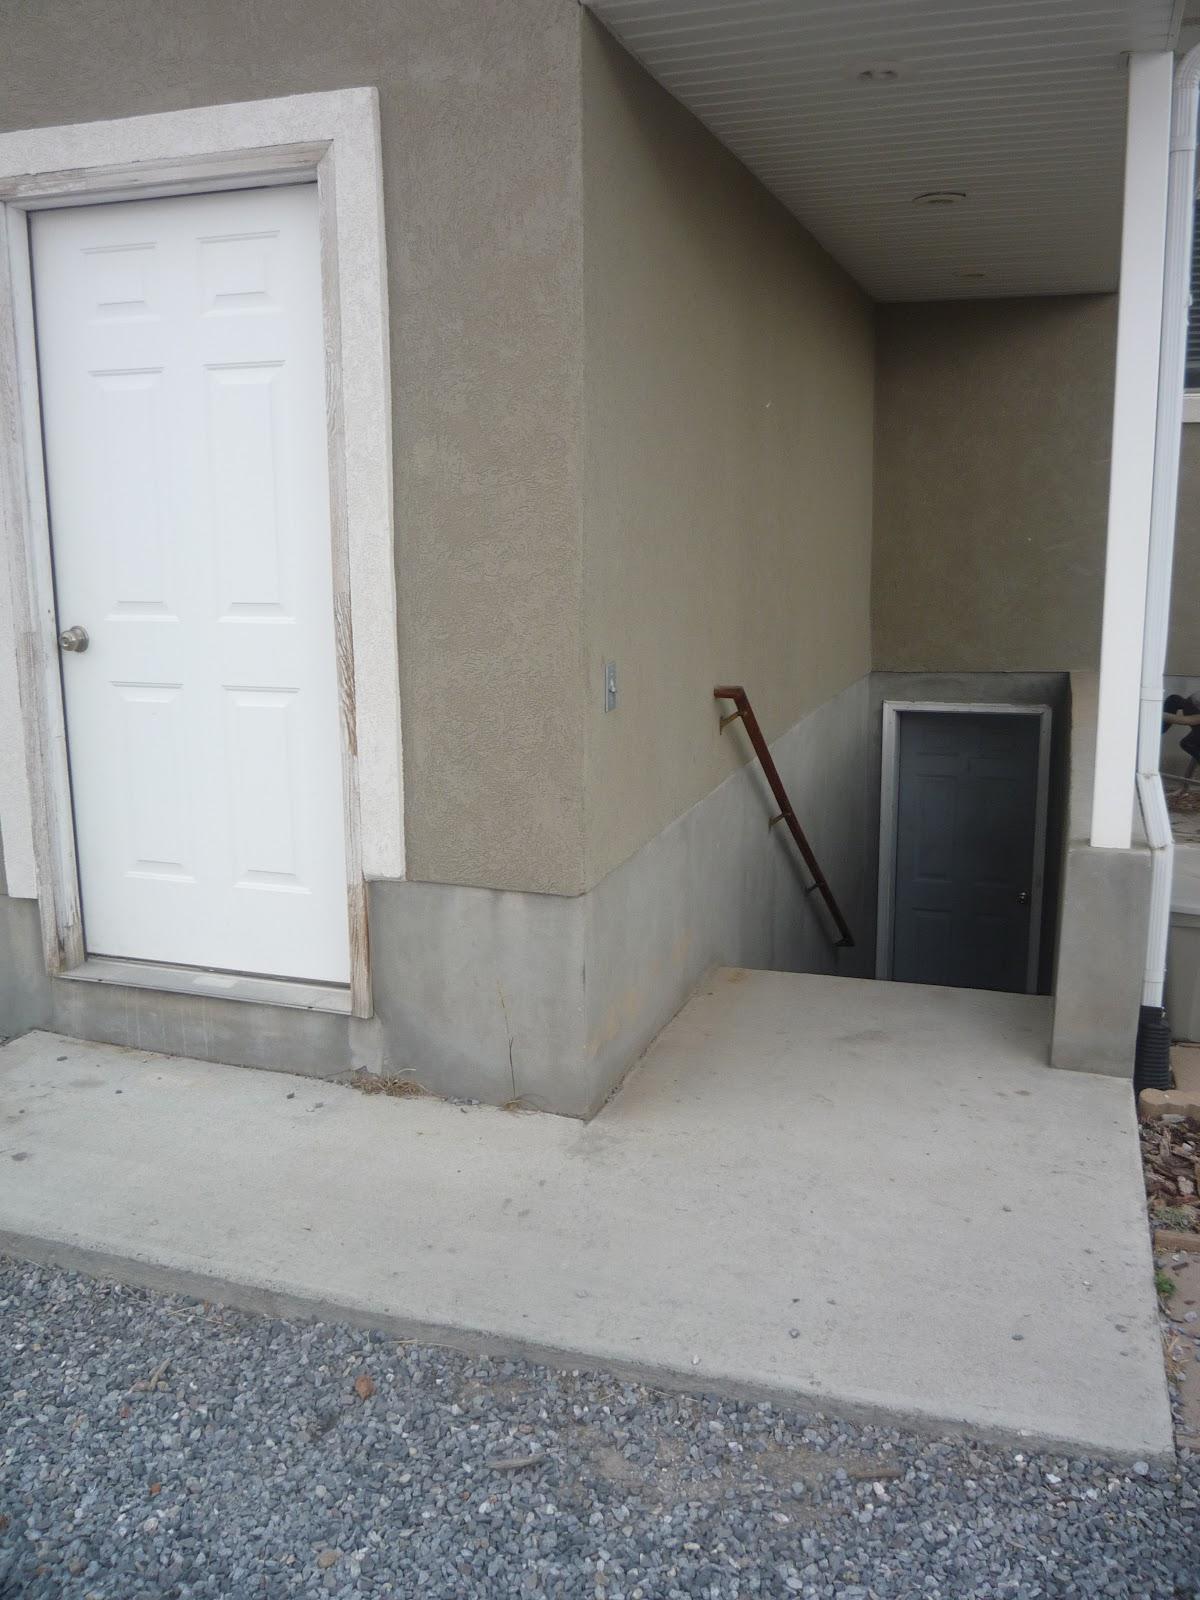 kari dye utah realtor lehi basement apartment for rent